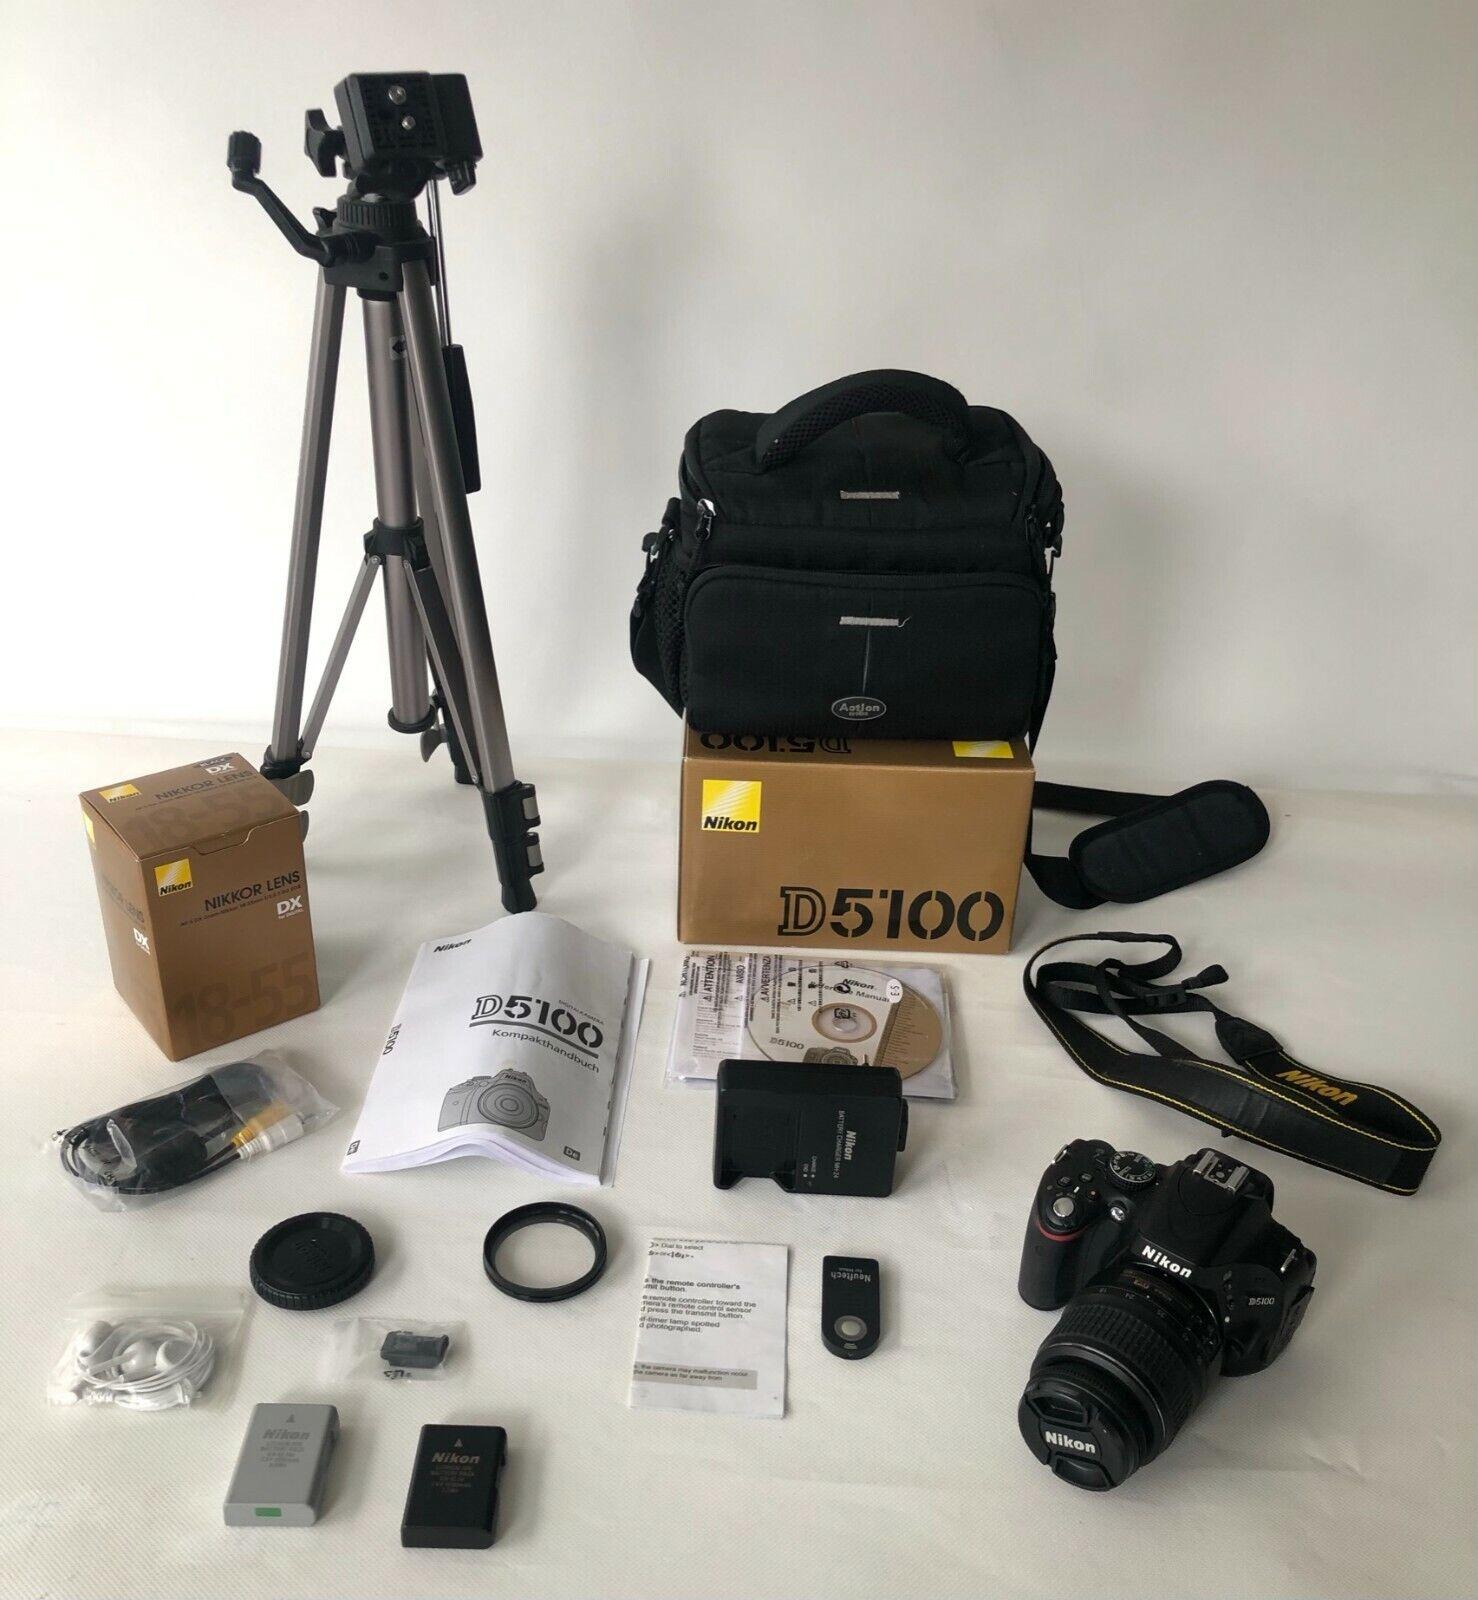 Nikon D5100 SLR digitale Spiegelreflexkamera mit Objektiv und MEGA Zubehörpaket